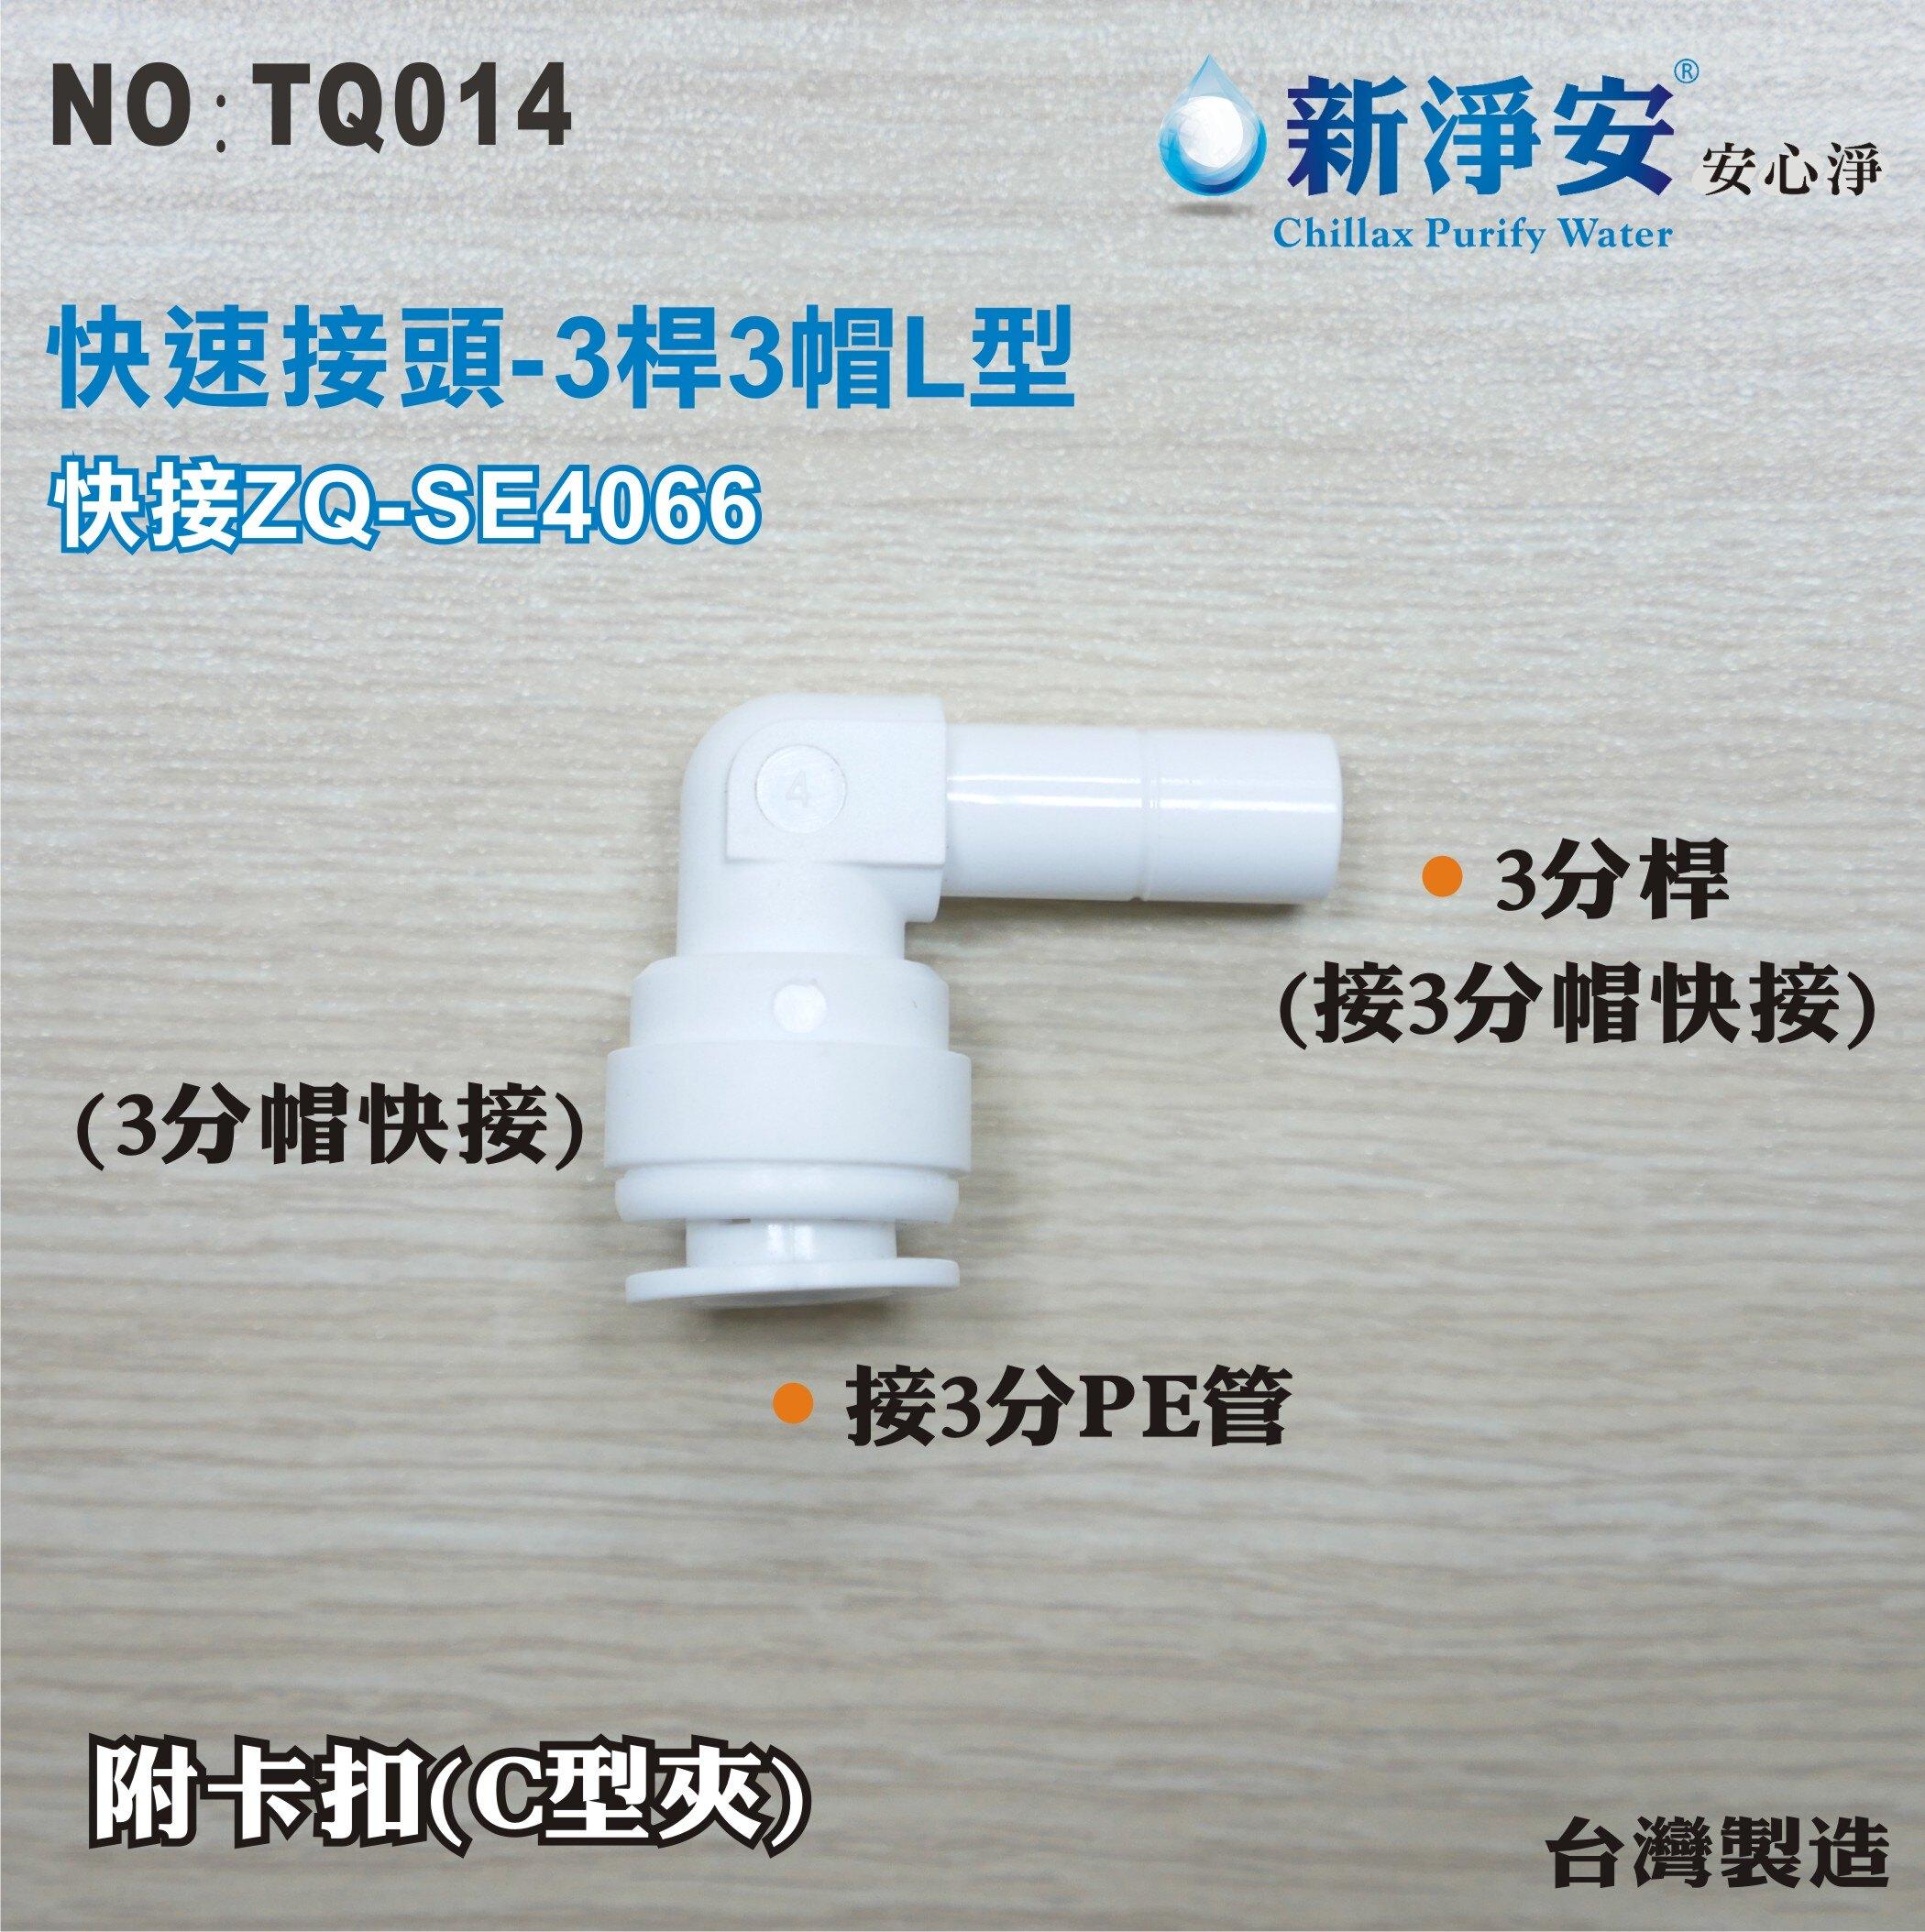 【龍門淨水】快速接頭 ZQ-SE4066 3分桿接3分管L型接頭3桿3帽L塑膠接頭 台灣製造 直購價30元(TQ014)